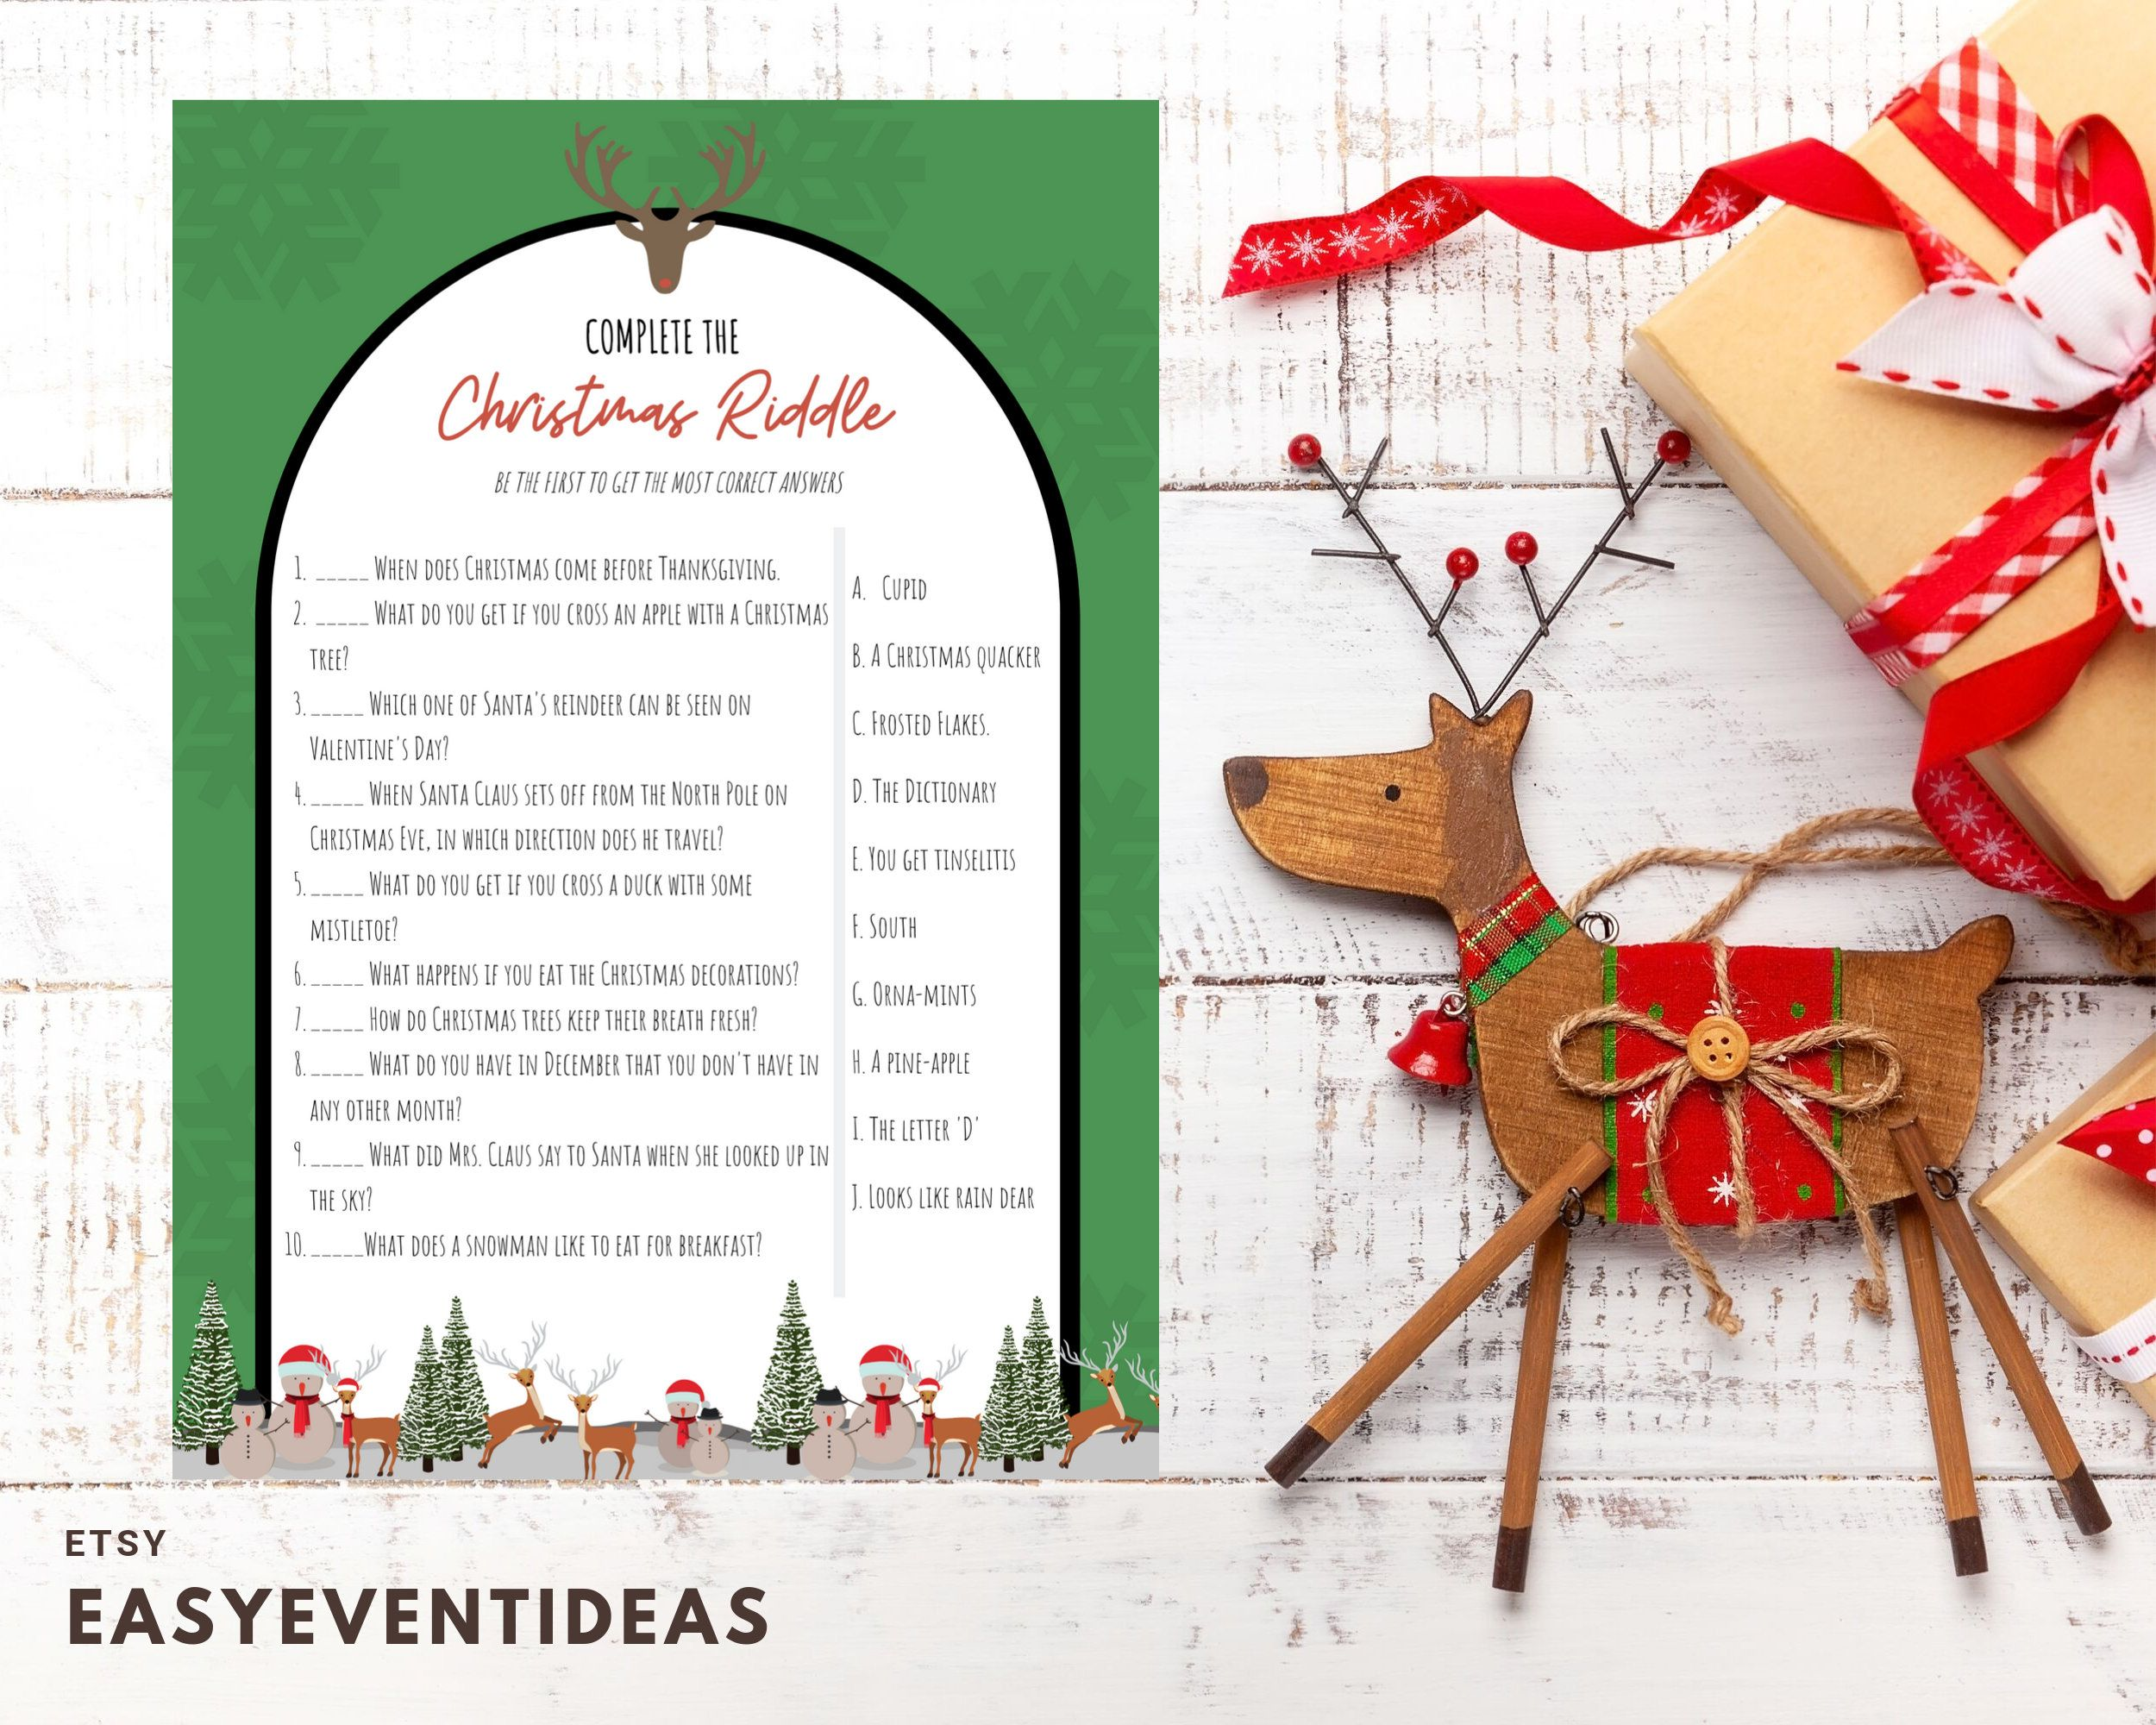 Christmas Riddle Game Printable Download Christmas